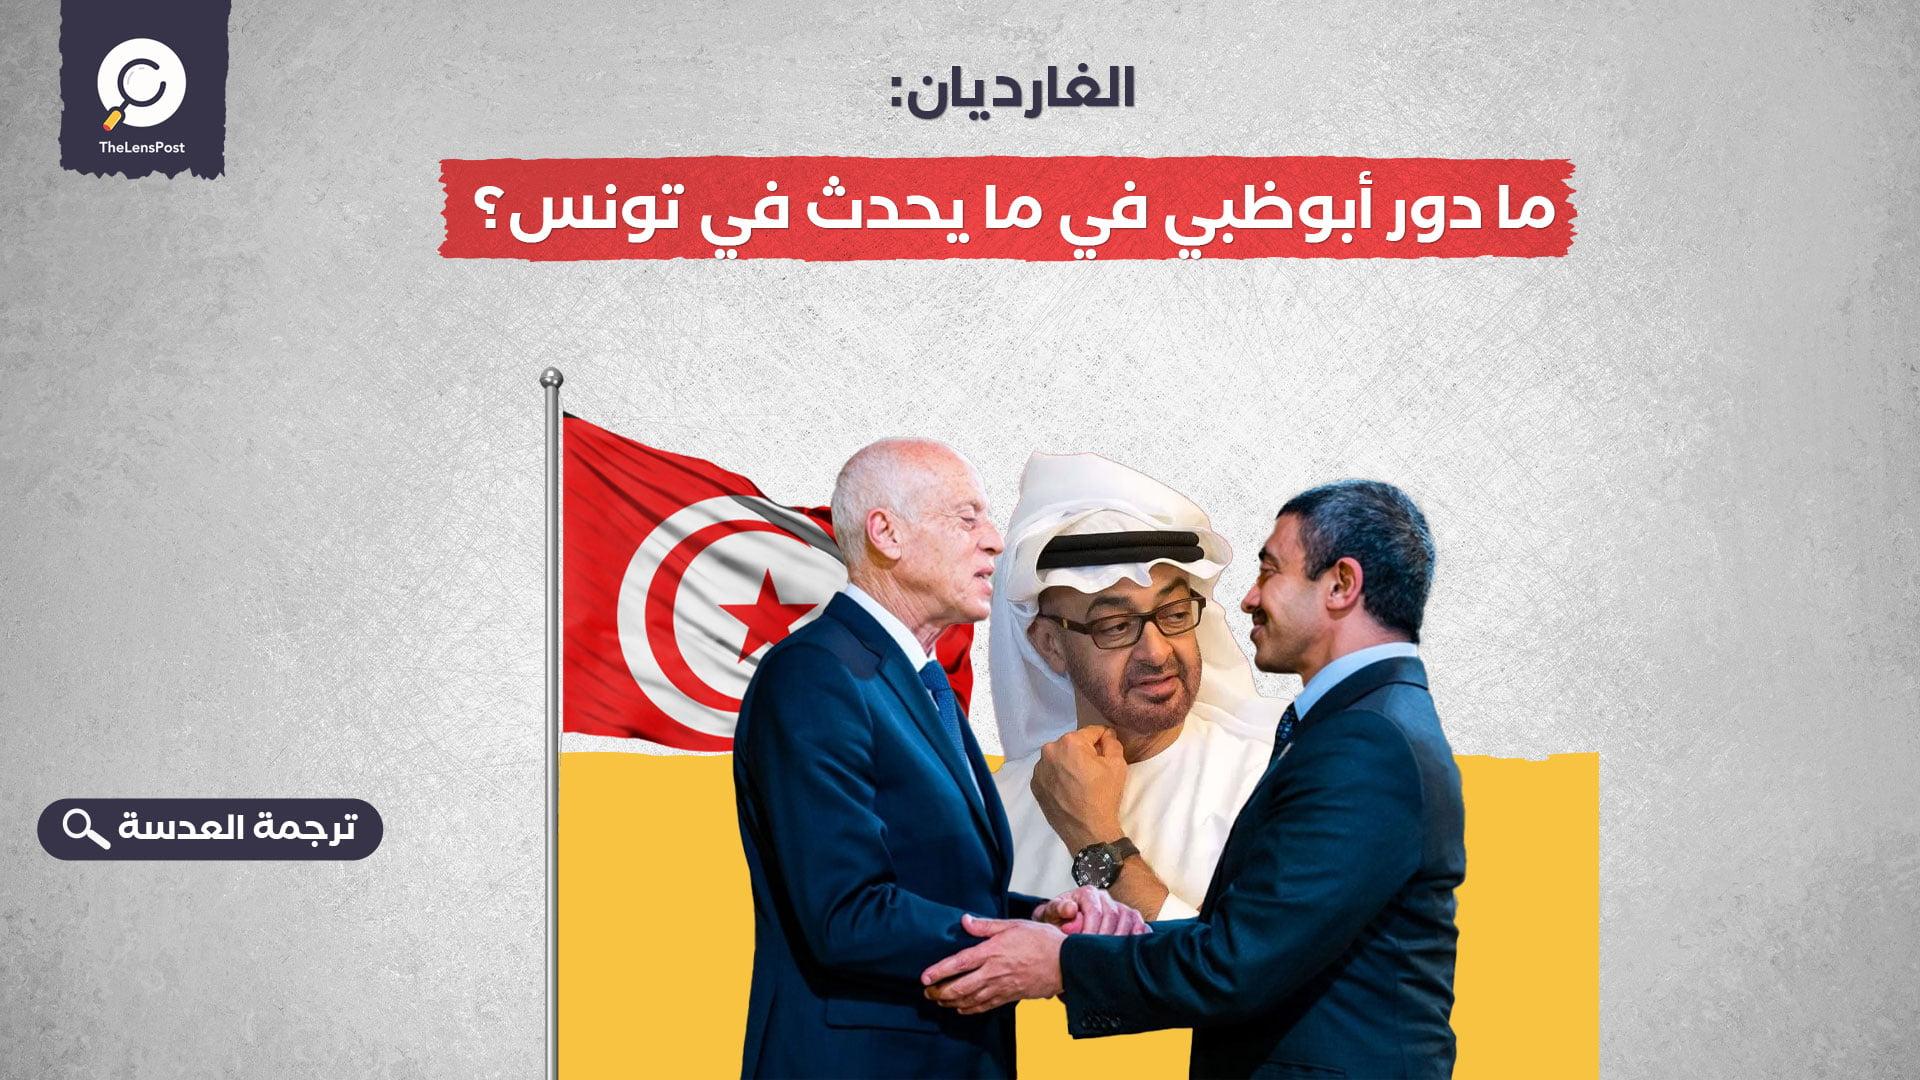 الغارديان: ما دور أبوظبي في ما يحدث في تونس؟